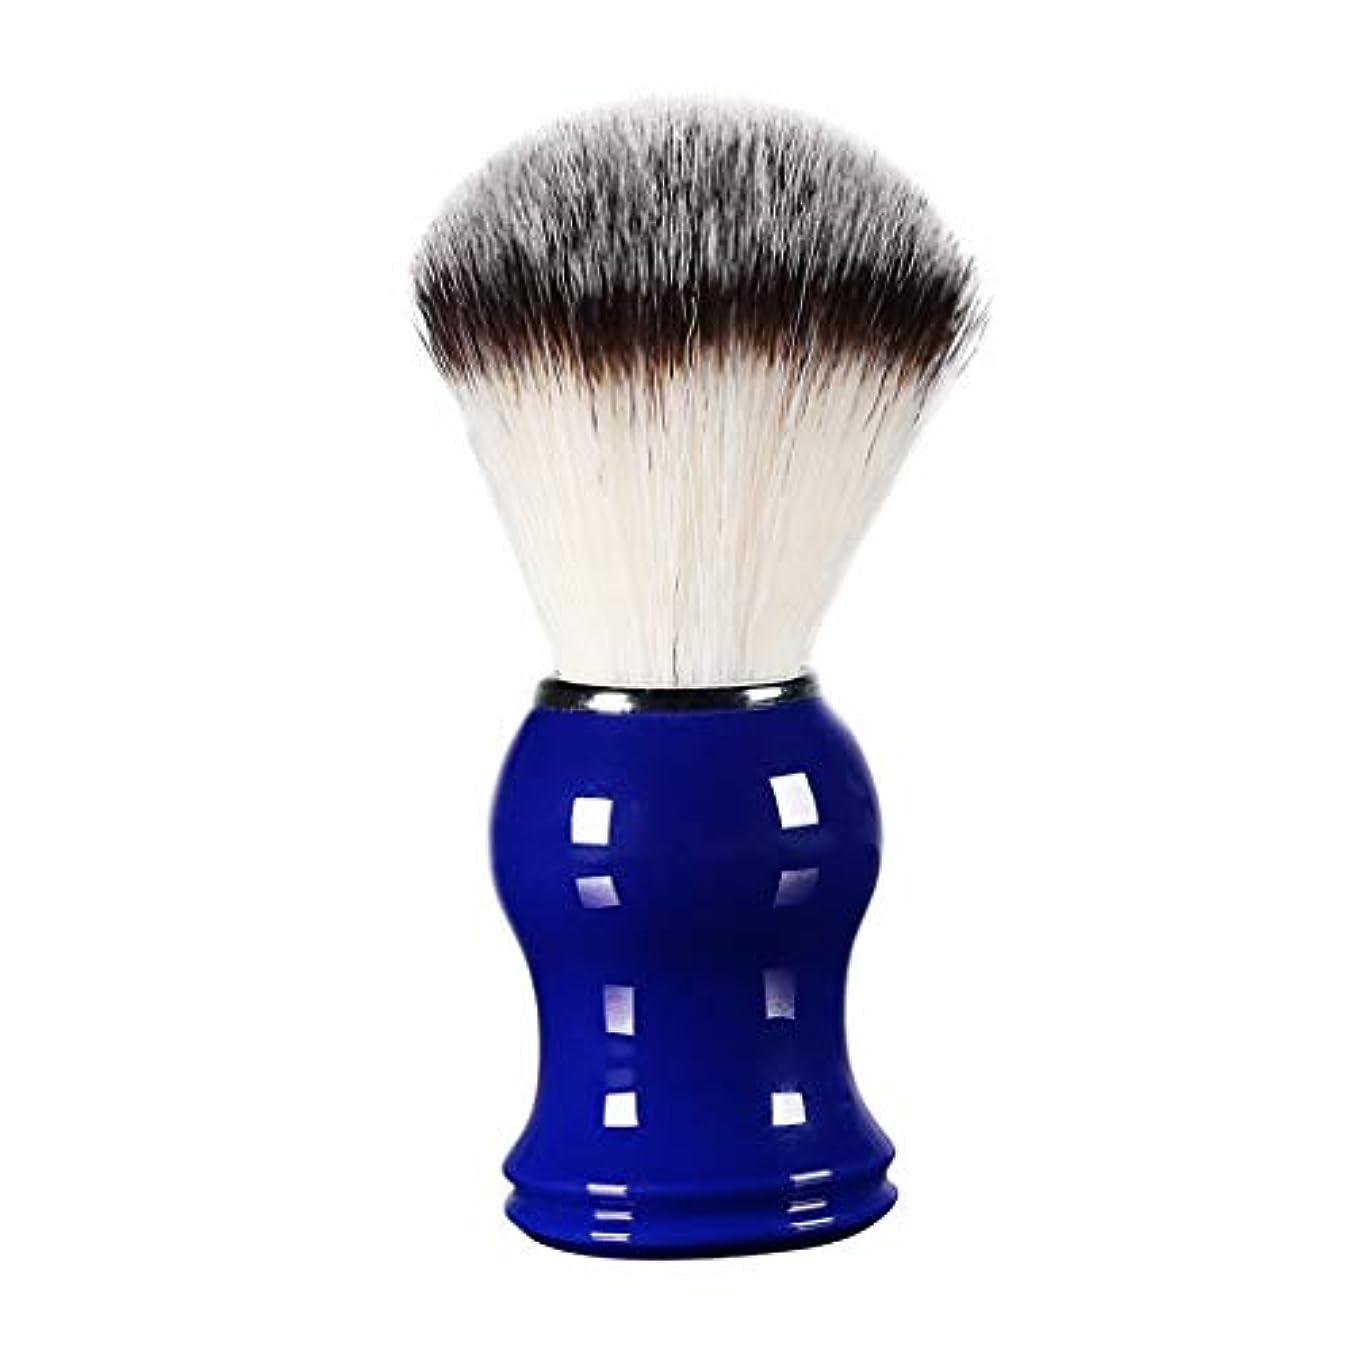 暗殺者庭園拡張床屋 サロン 髭剃り シェービングブラシ メンズ 泡立ち 洗顔 理容 約11cm